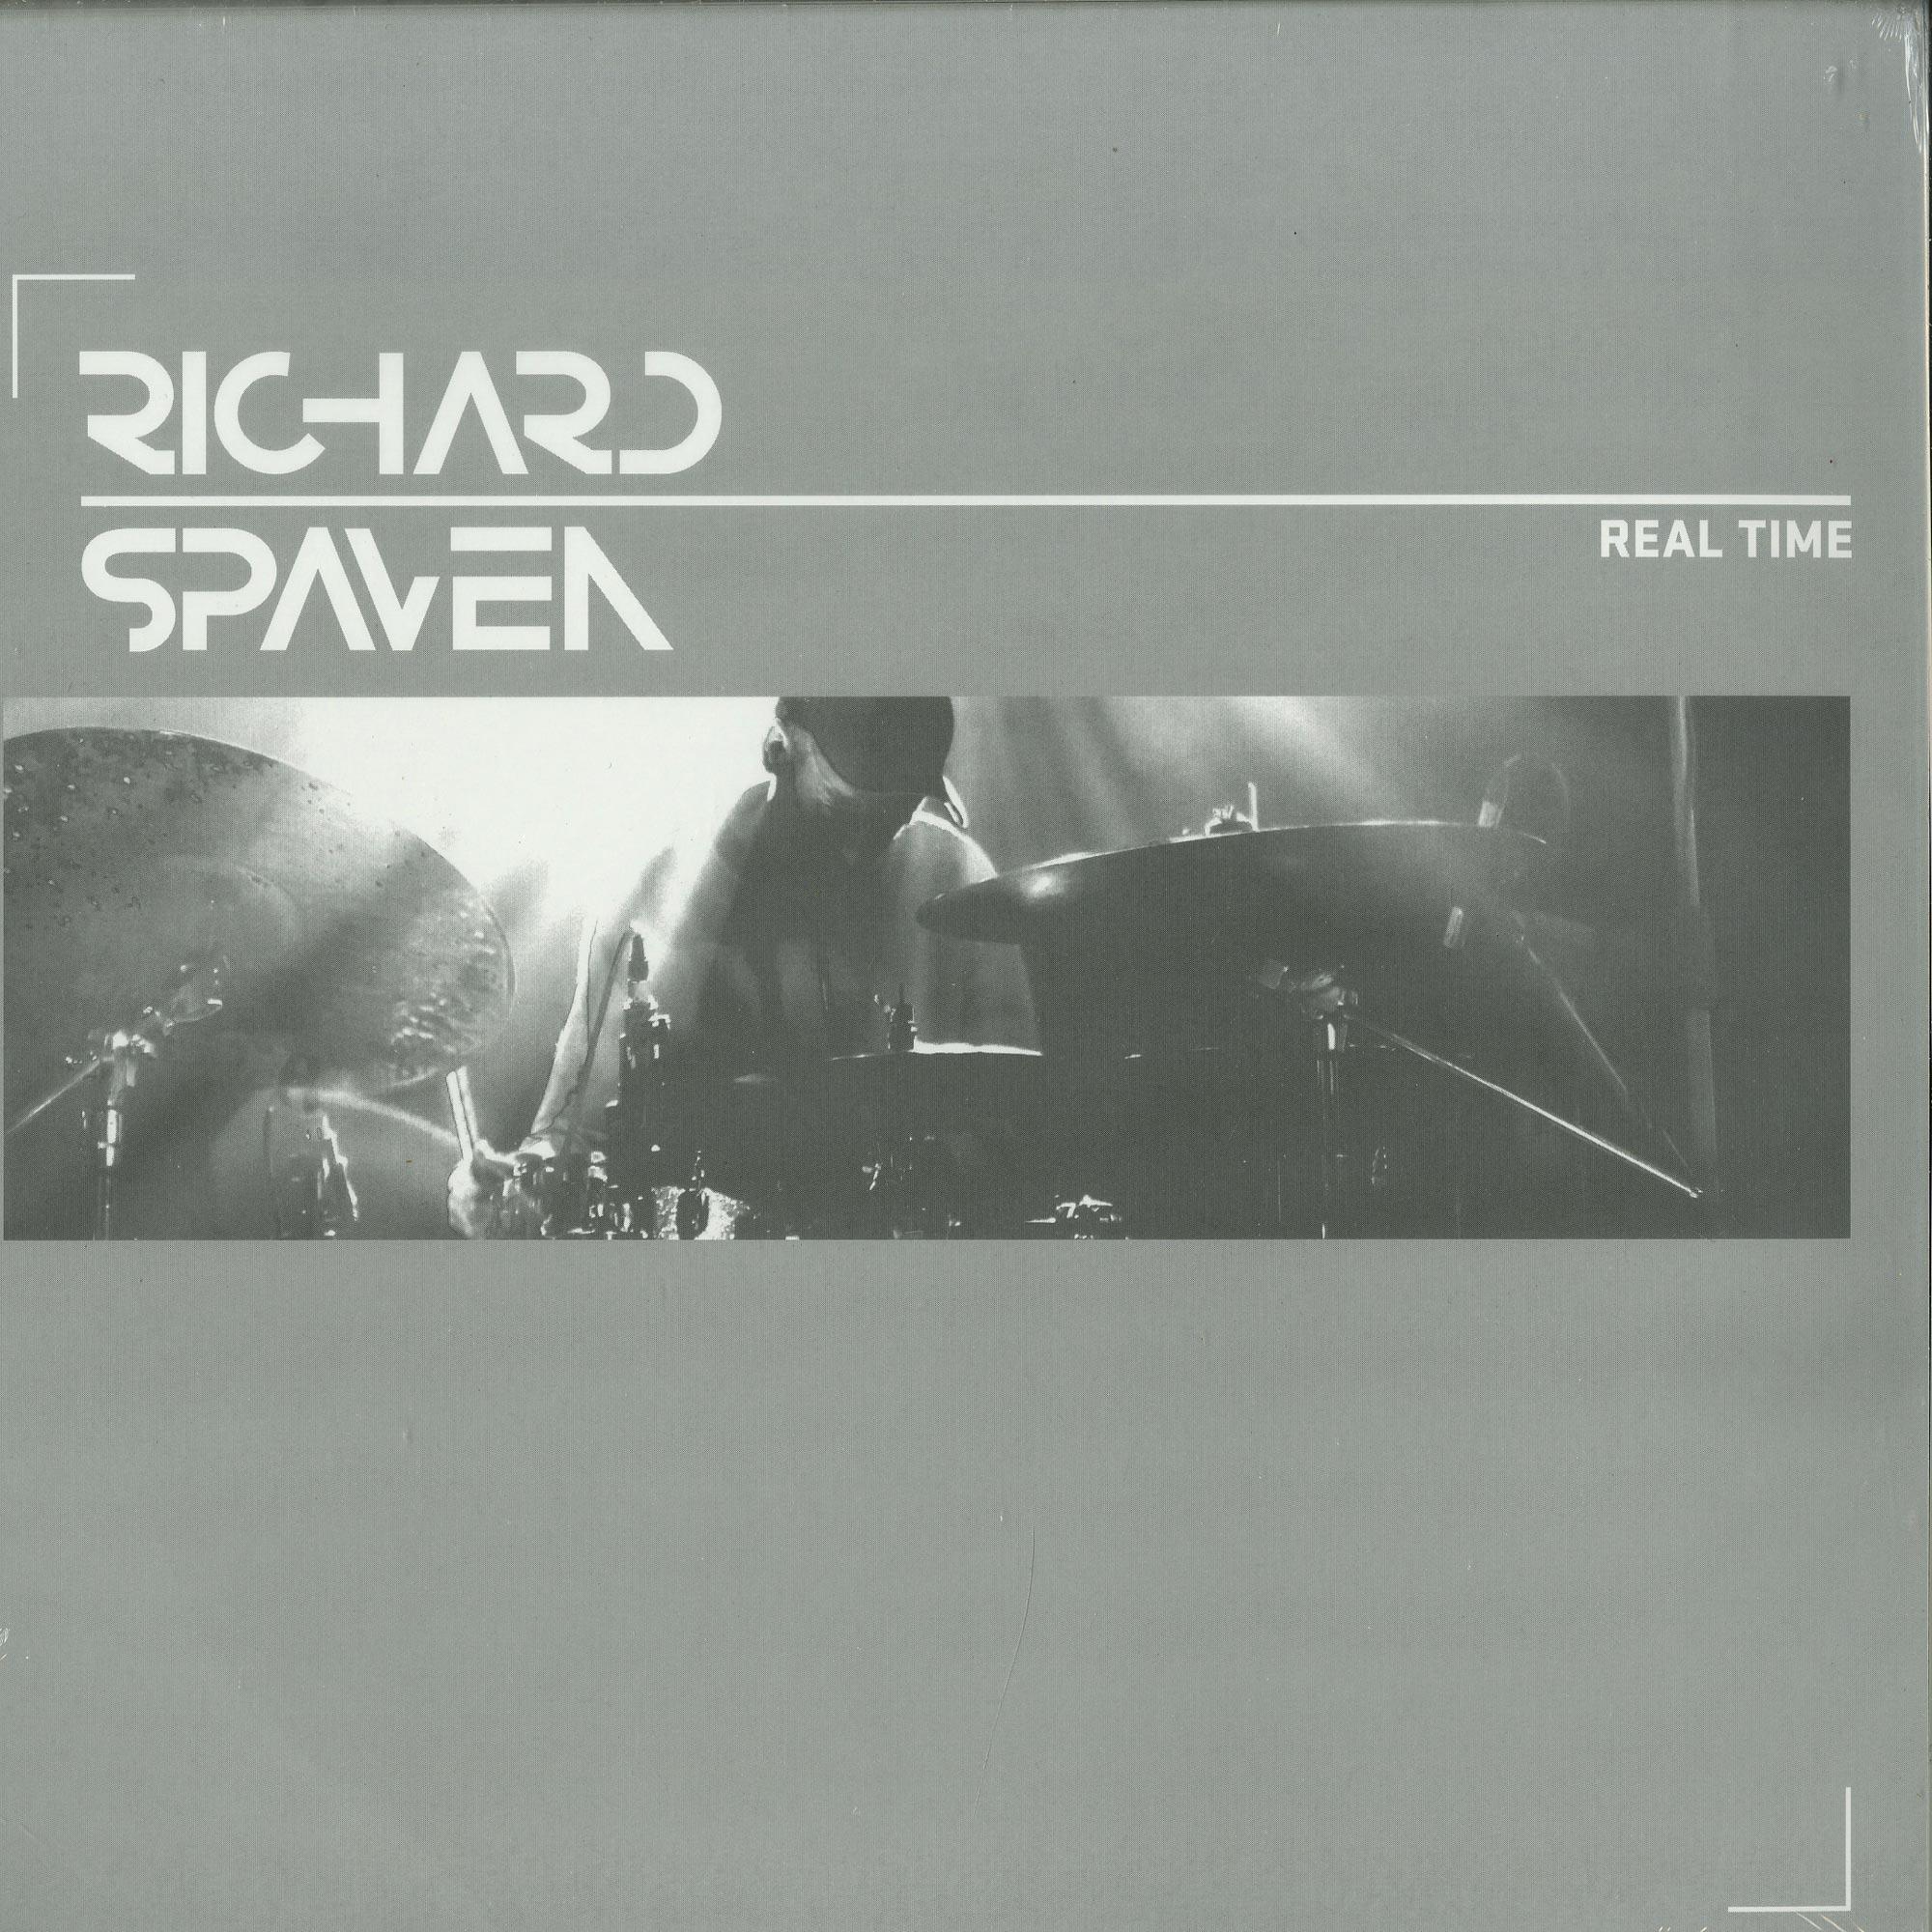 Richard Spaven - REAL TIME